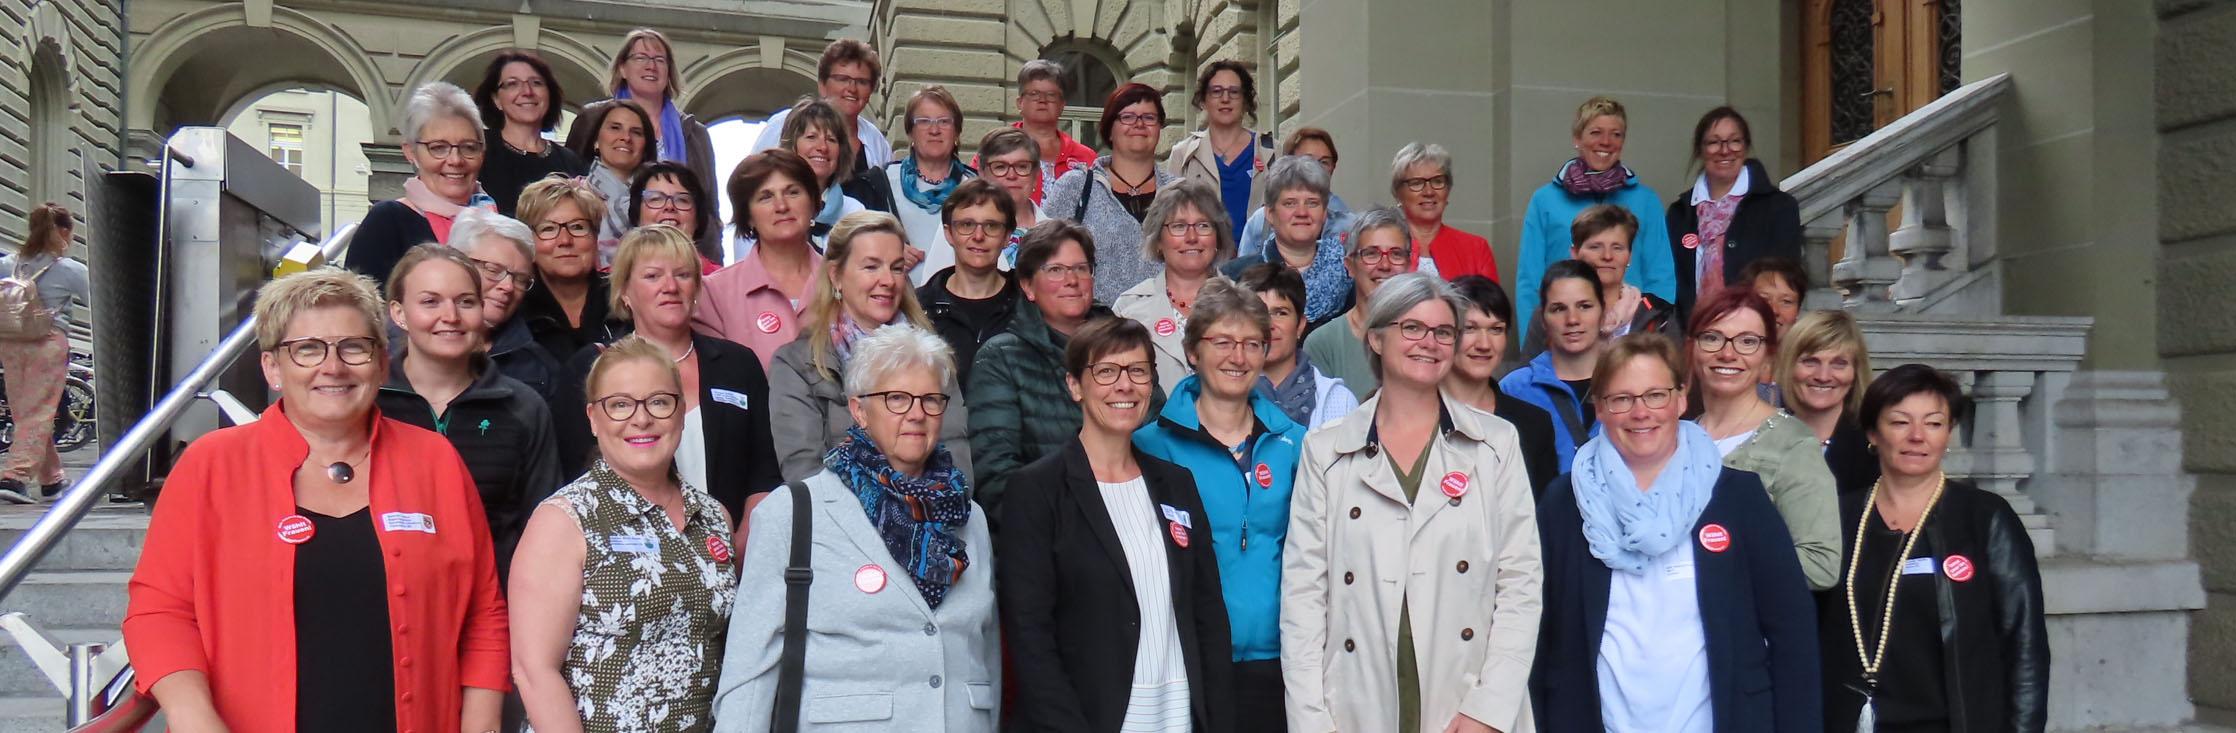 SBLV Stehlunch im Bundeshaus